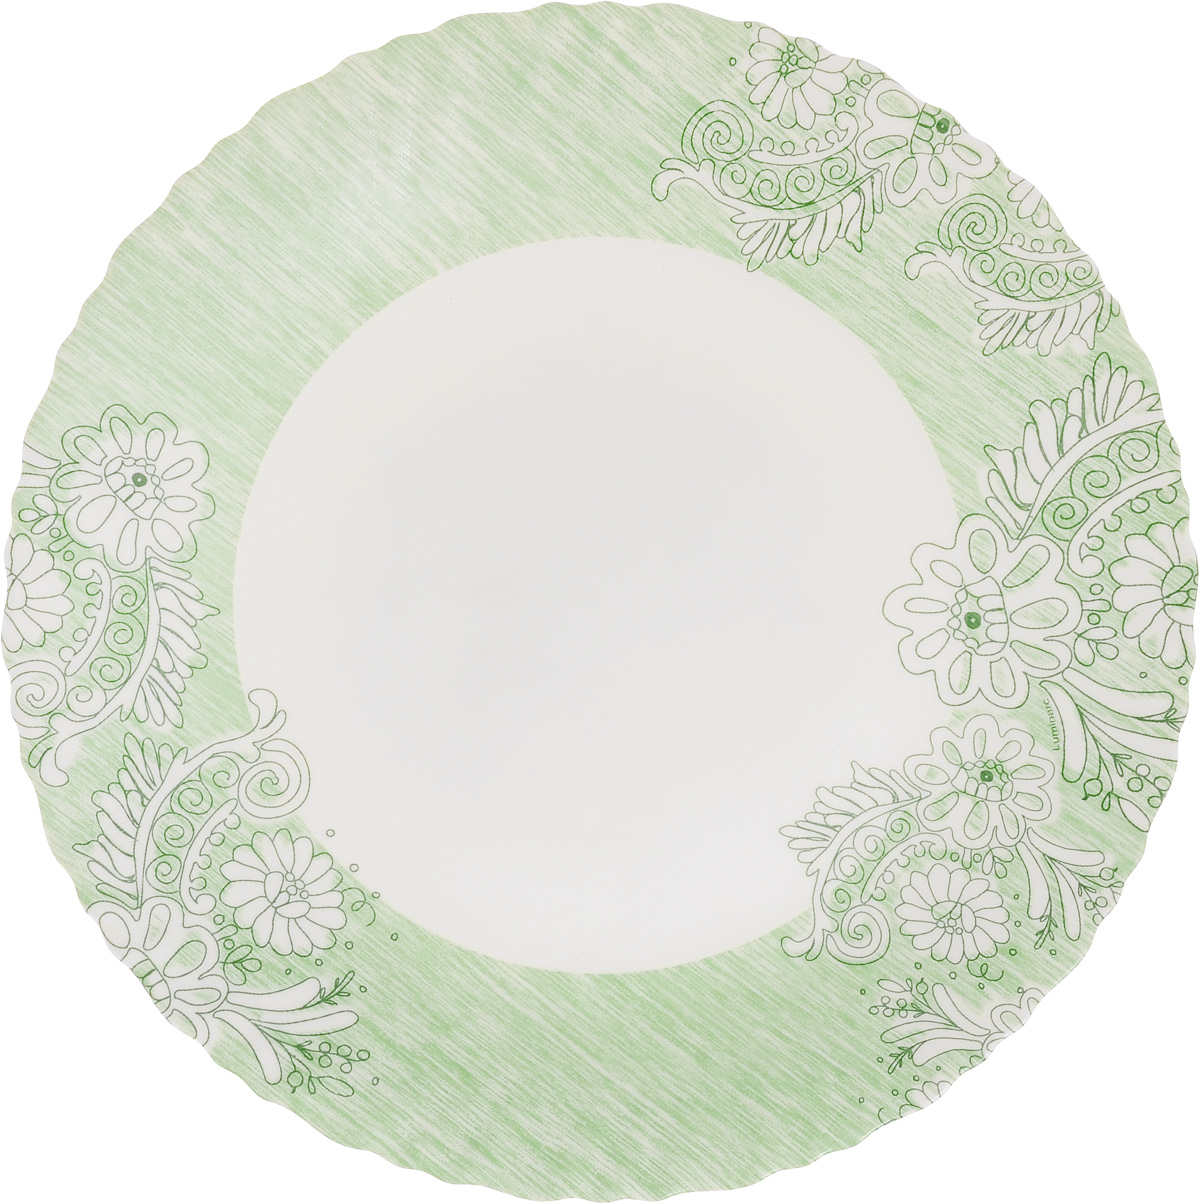 Тарелка обеденная Luminarc Minelly Green, 25 смJ7031Обеденная тарелка Luminarc Minelly Green, изготовленная из высококачественного стекла,имеет изысканный внешний вид. Яркий дизайн придется по вкусу и ценителям классики,и тем, кто предпочитает утонченность. Тарелка Luminarc Minelly Green идеально подойдет для сервировкистола и станет отличным подарком к любому празднику.Диаметр (по верхнему краю): 25 см.Высота тарелки: 2 см.